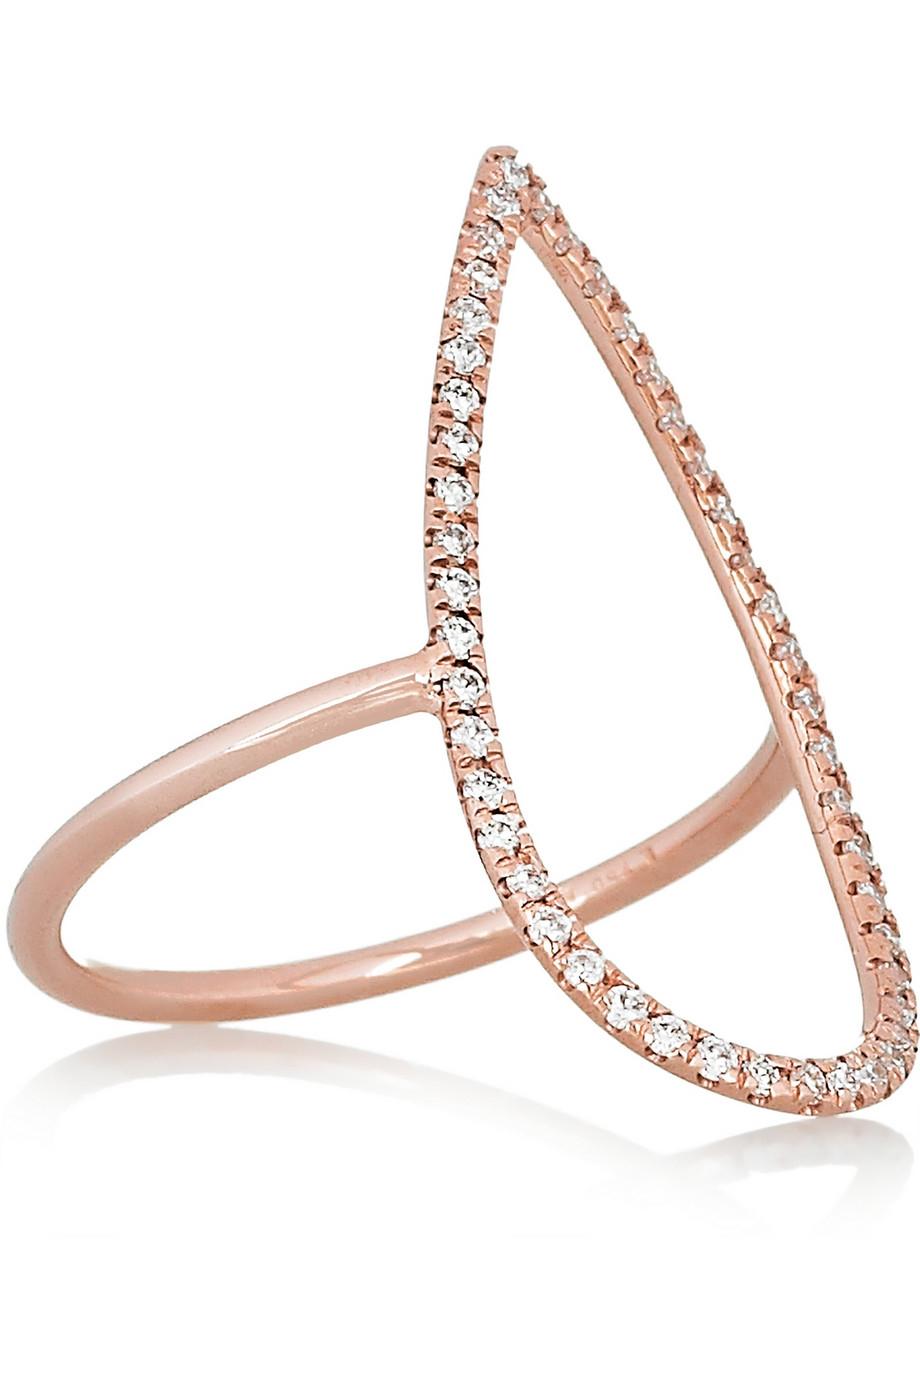 Triple 18 Carats Or Rose Anneau De Saphir Et De Diamant - 6 Kordas Diane mwFMfs6M